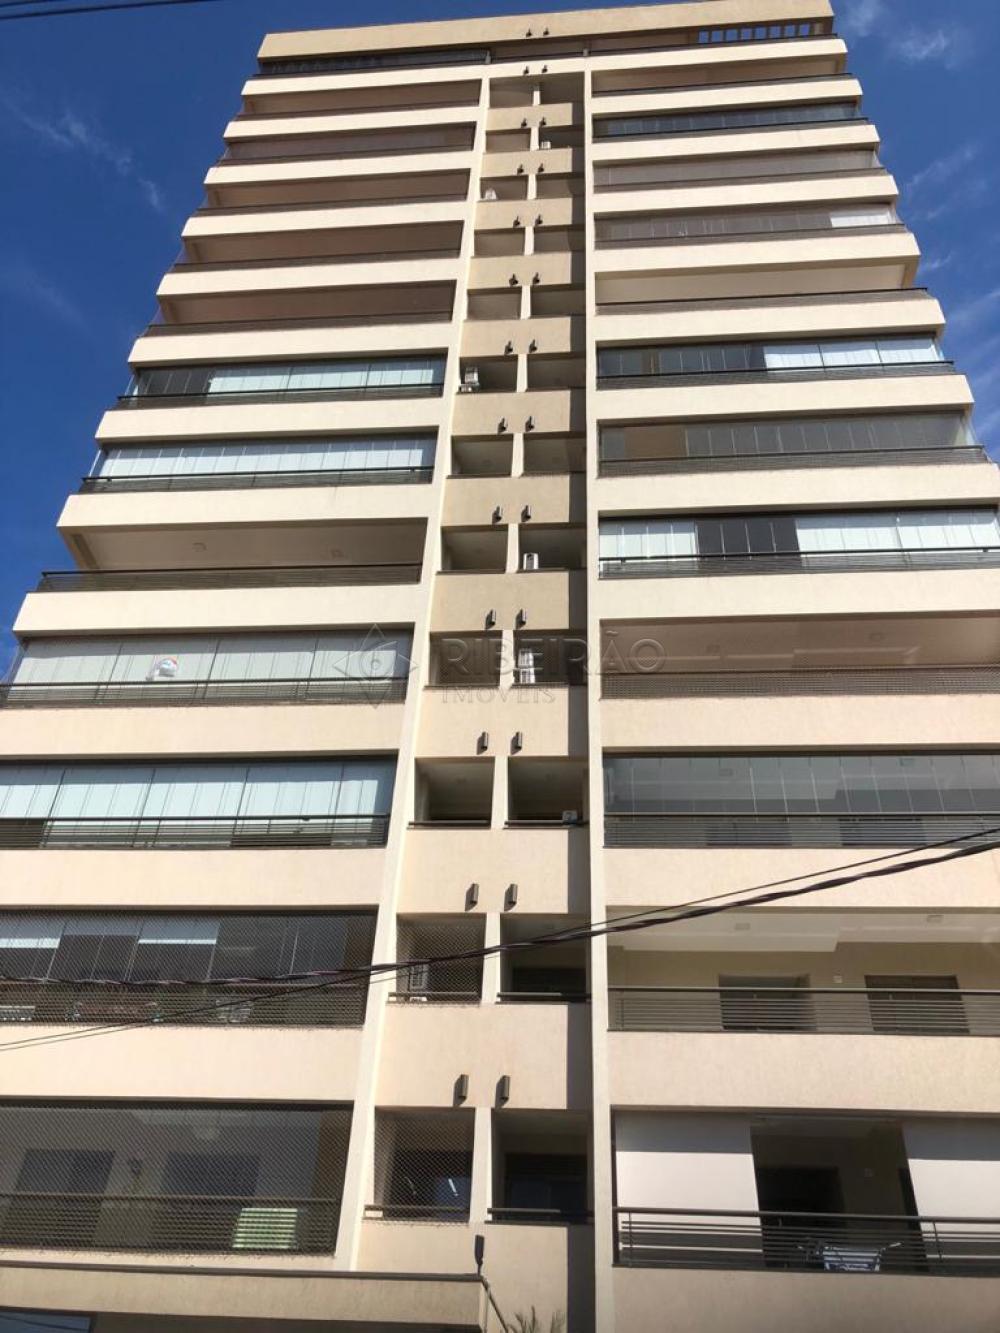 Ribeirao Preto Apartamento Venda R$600.000,00 Condominio R$485,00 3 Dormitorios 3 Suites Area construida 119.00m2